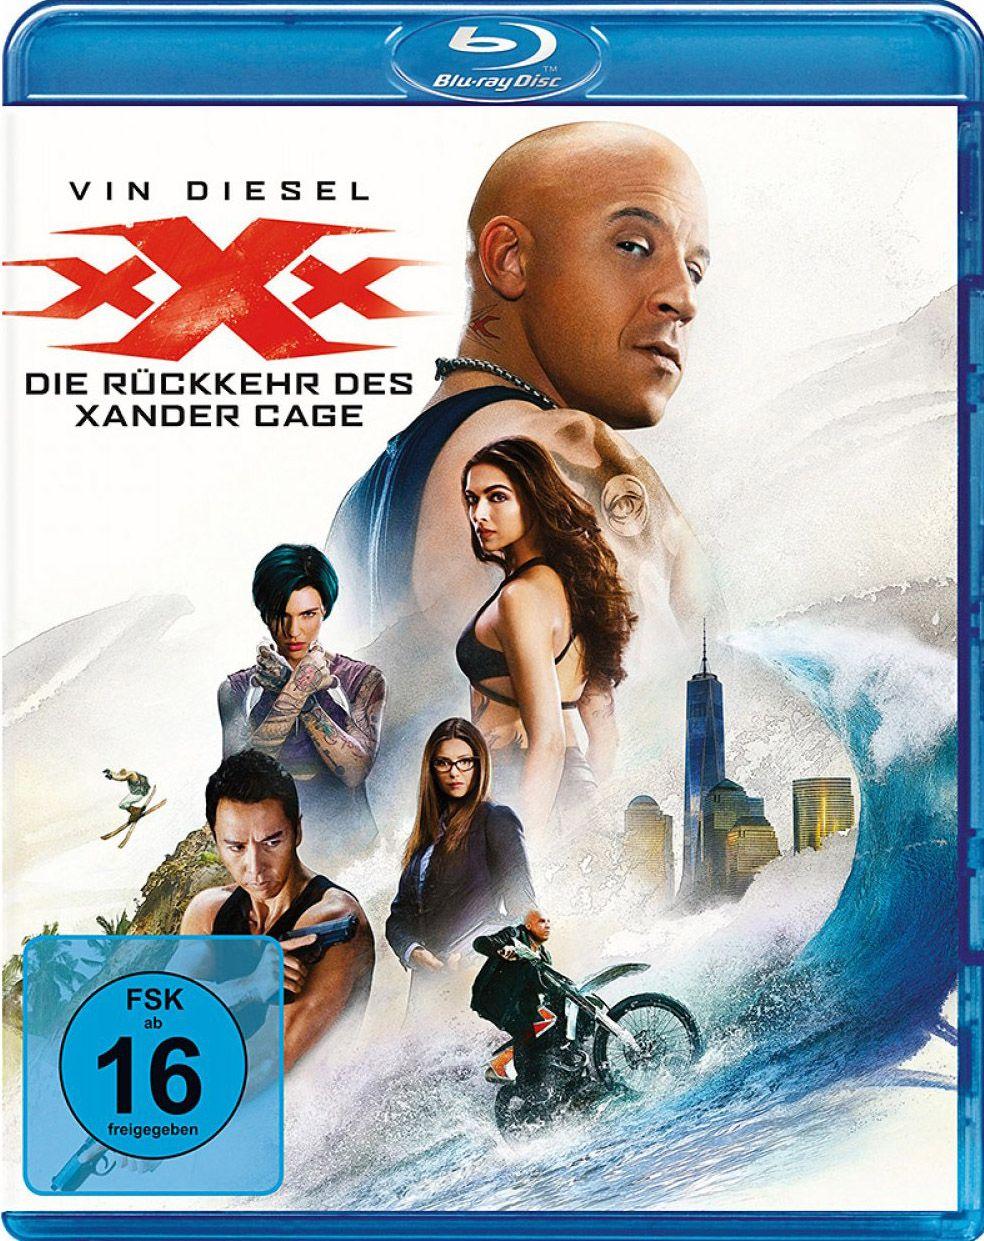 xXx - Die Rückkehr des Xander Cage (BLURAY)